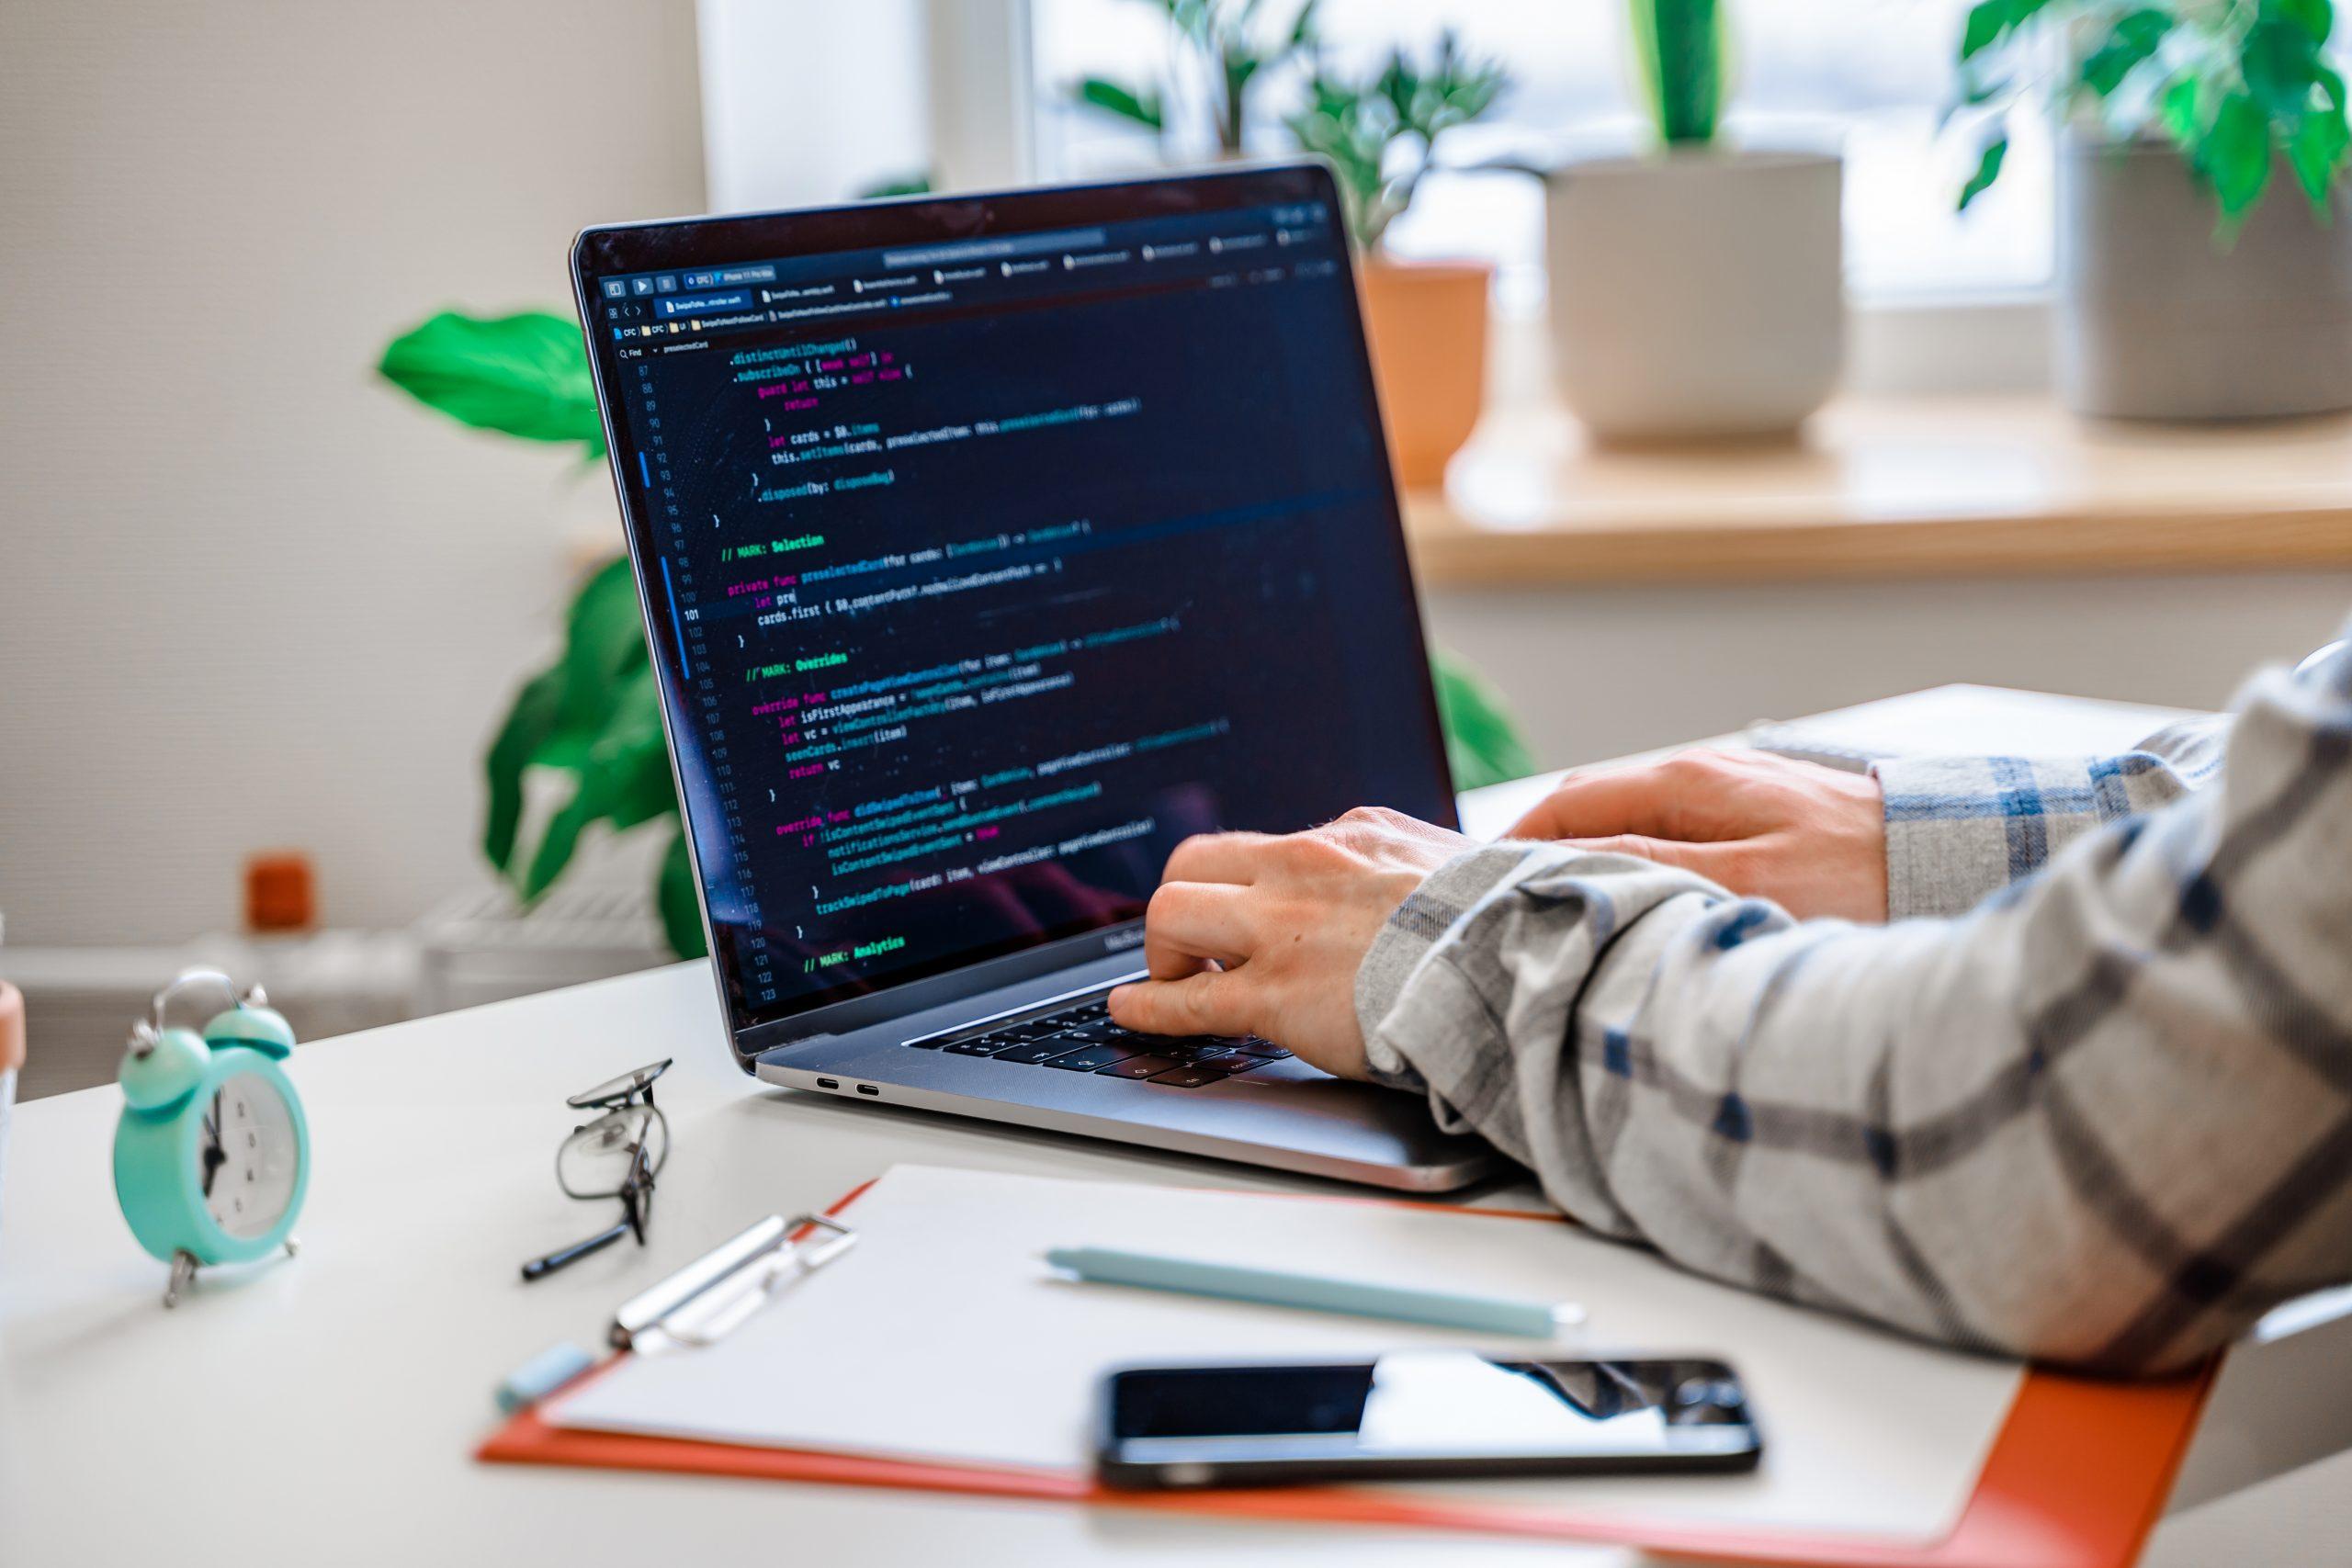 Desarrollo de software: conoce sus metodologías